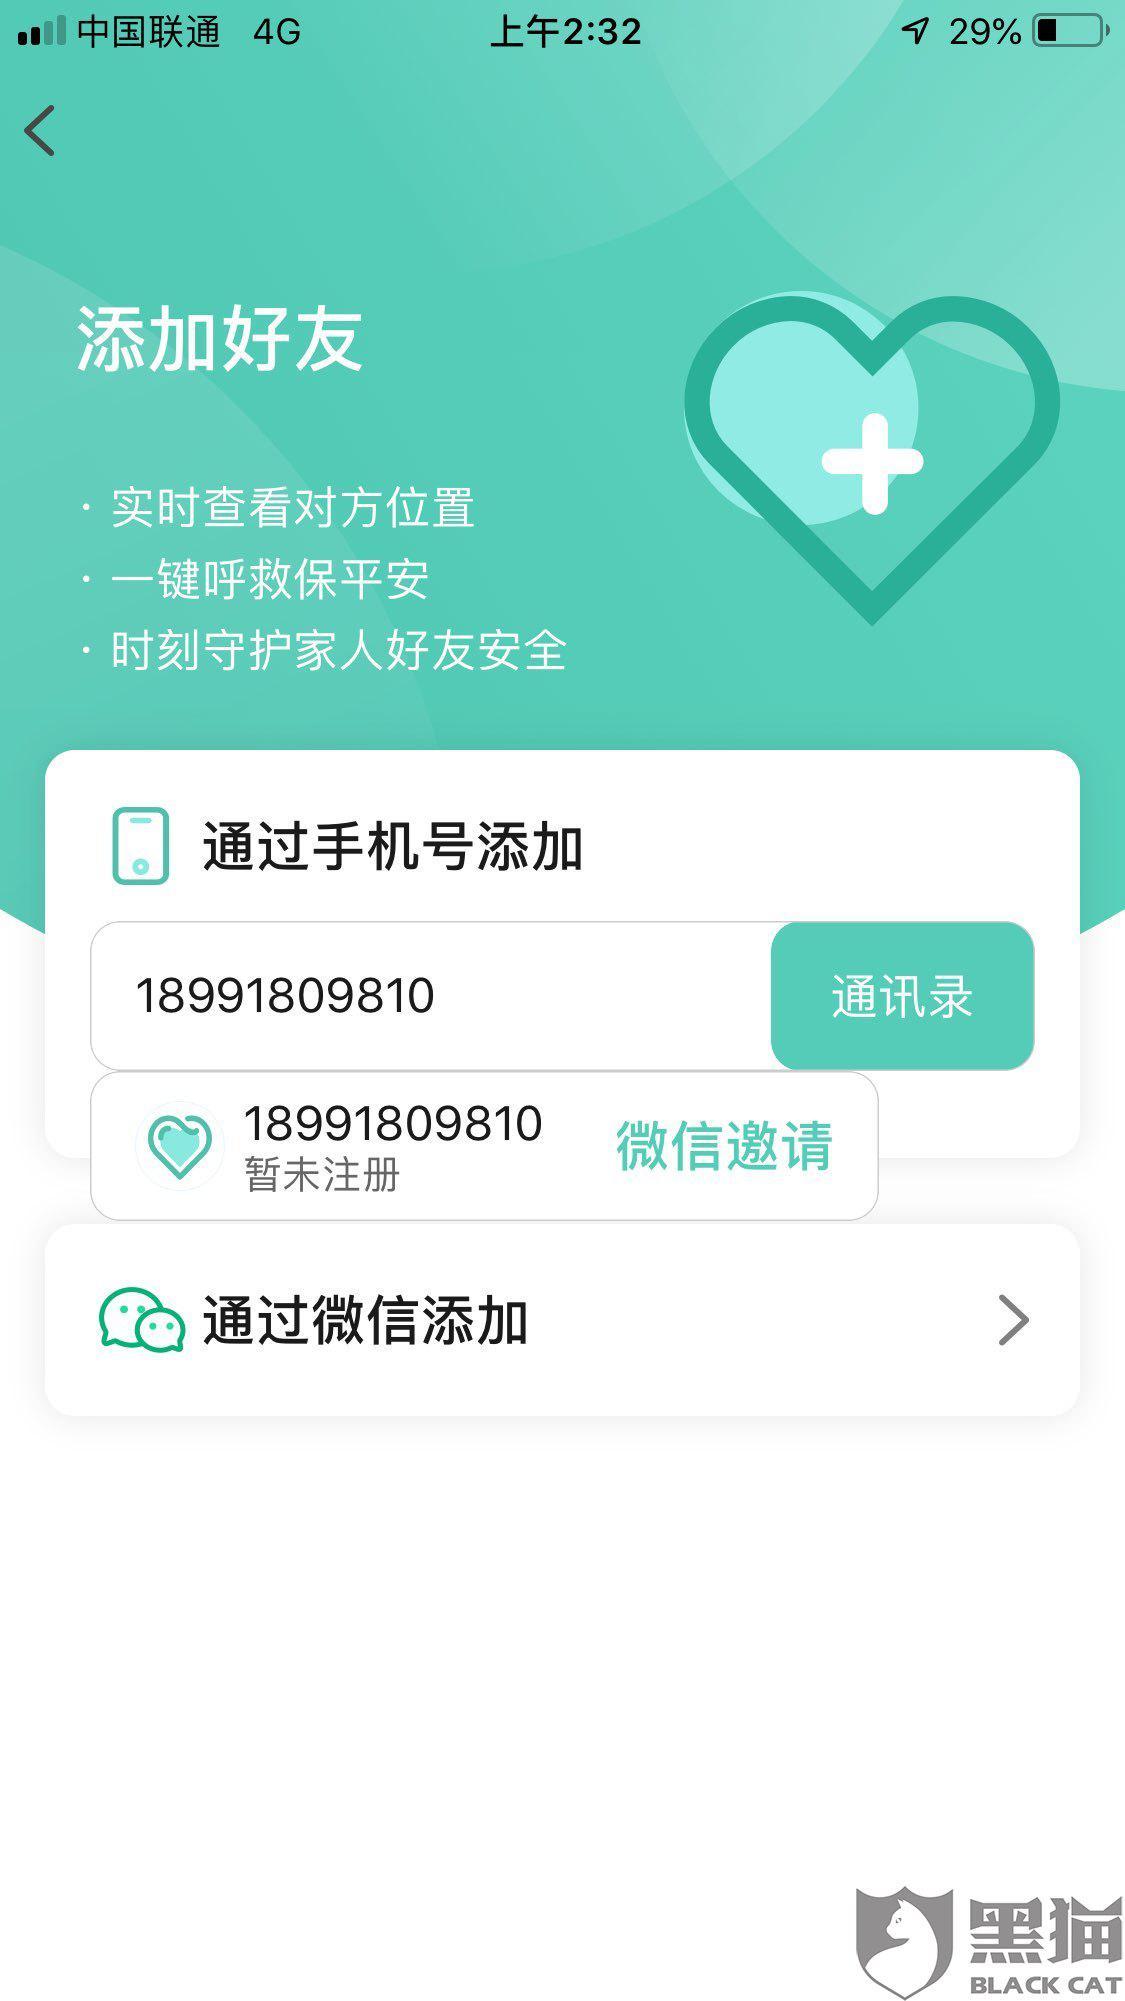 黑猫投诉:福州旎晨信息技术有限公司的知位APP虚假宣传手机号就可以找到亲人